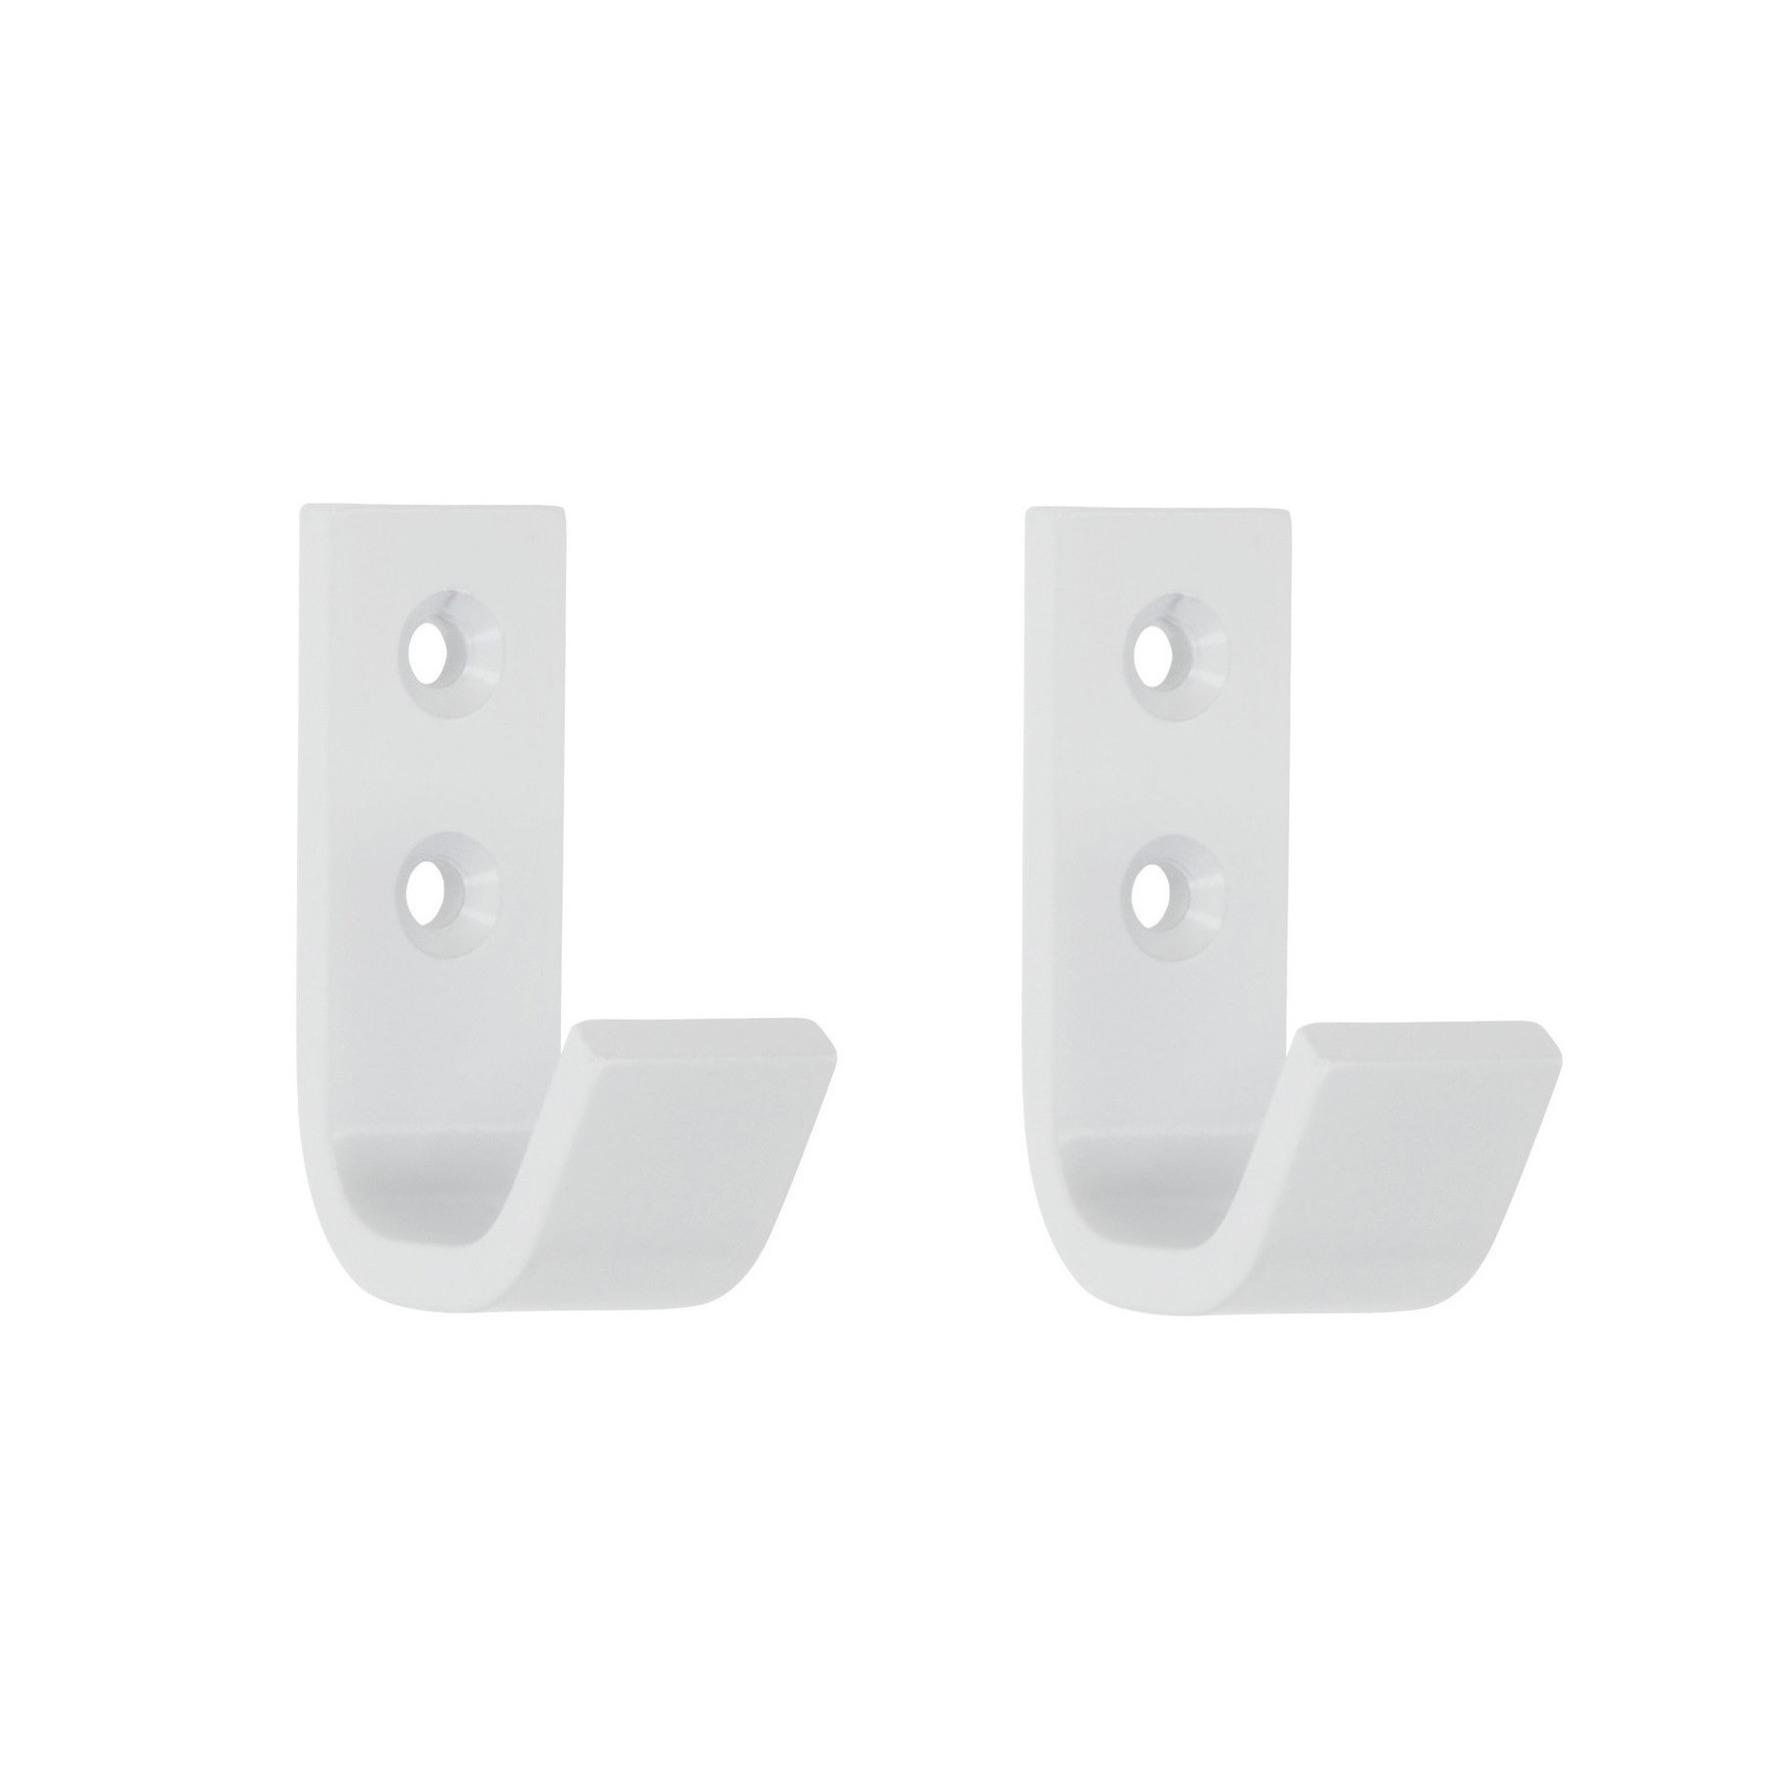 2x Luxe witte garderobe haakjes-jashaken-kapstokhaakjes hoogwaardig aluminium 5,4 x 3,7 cm